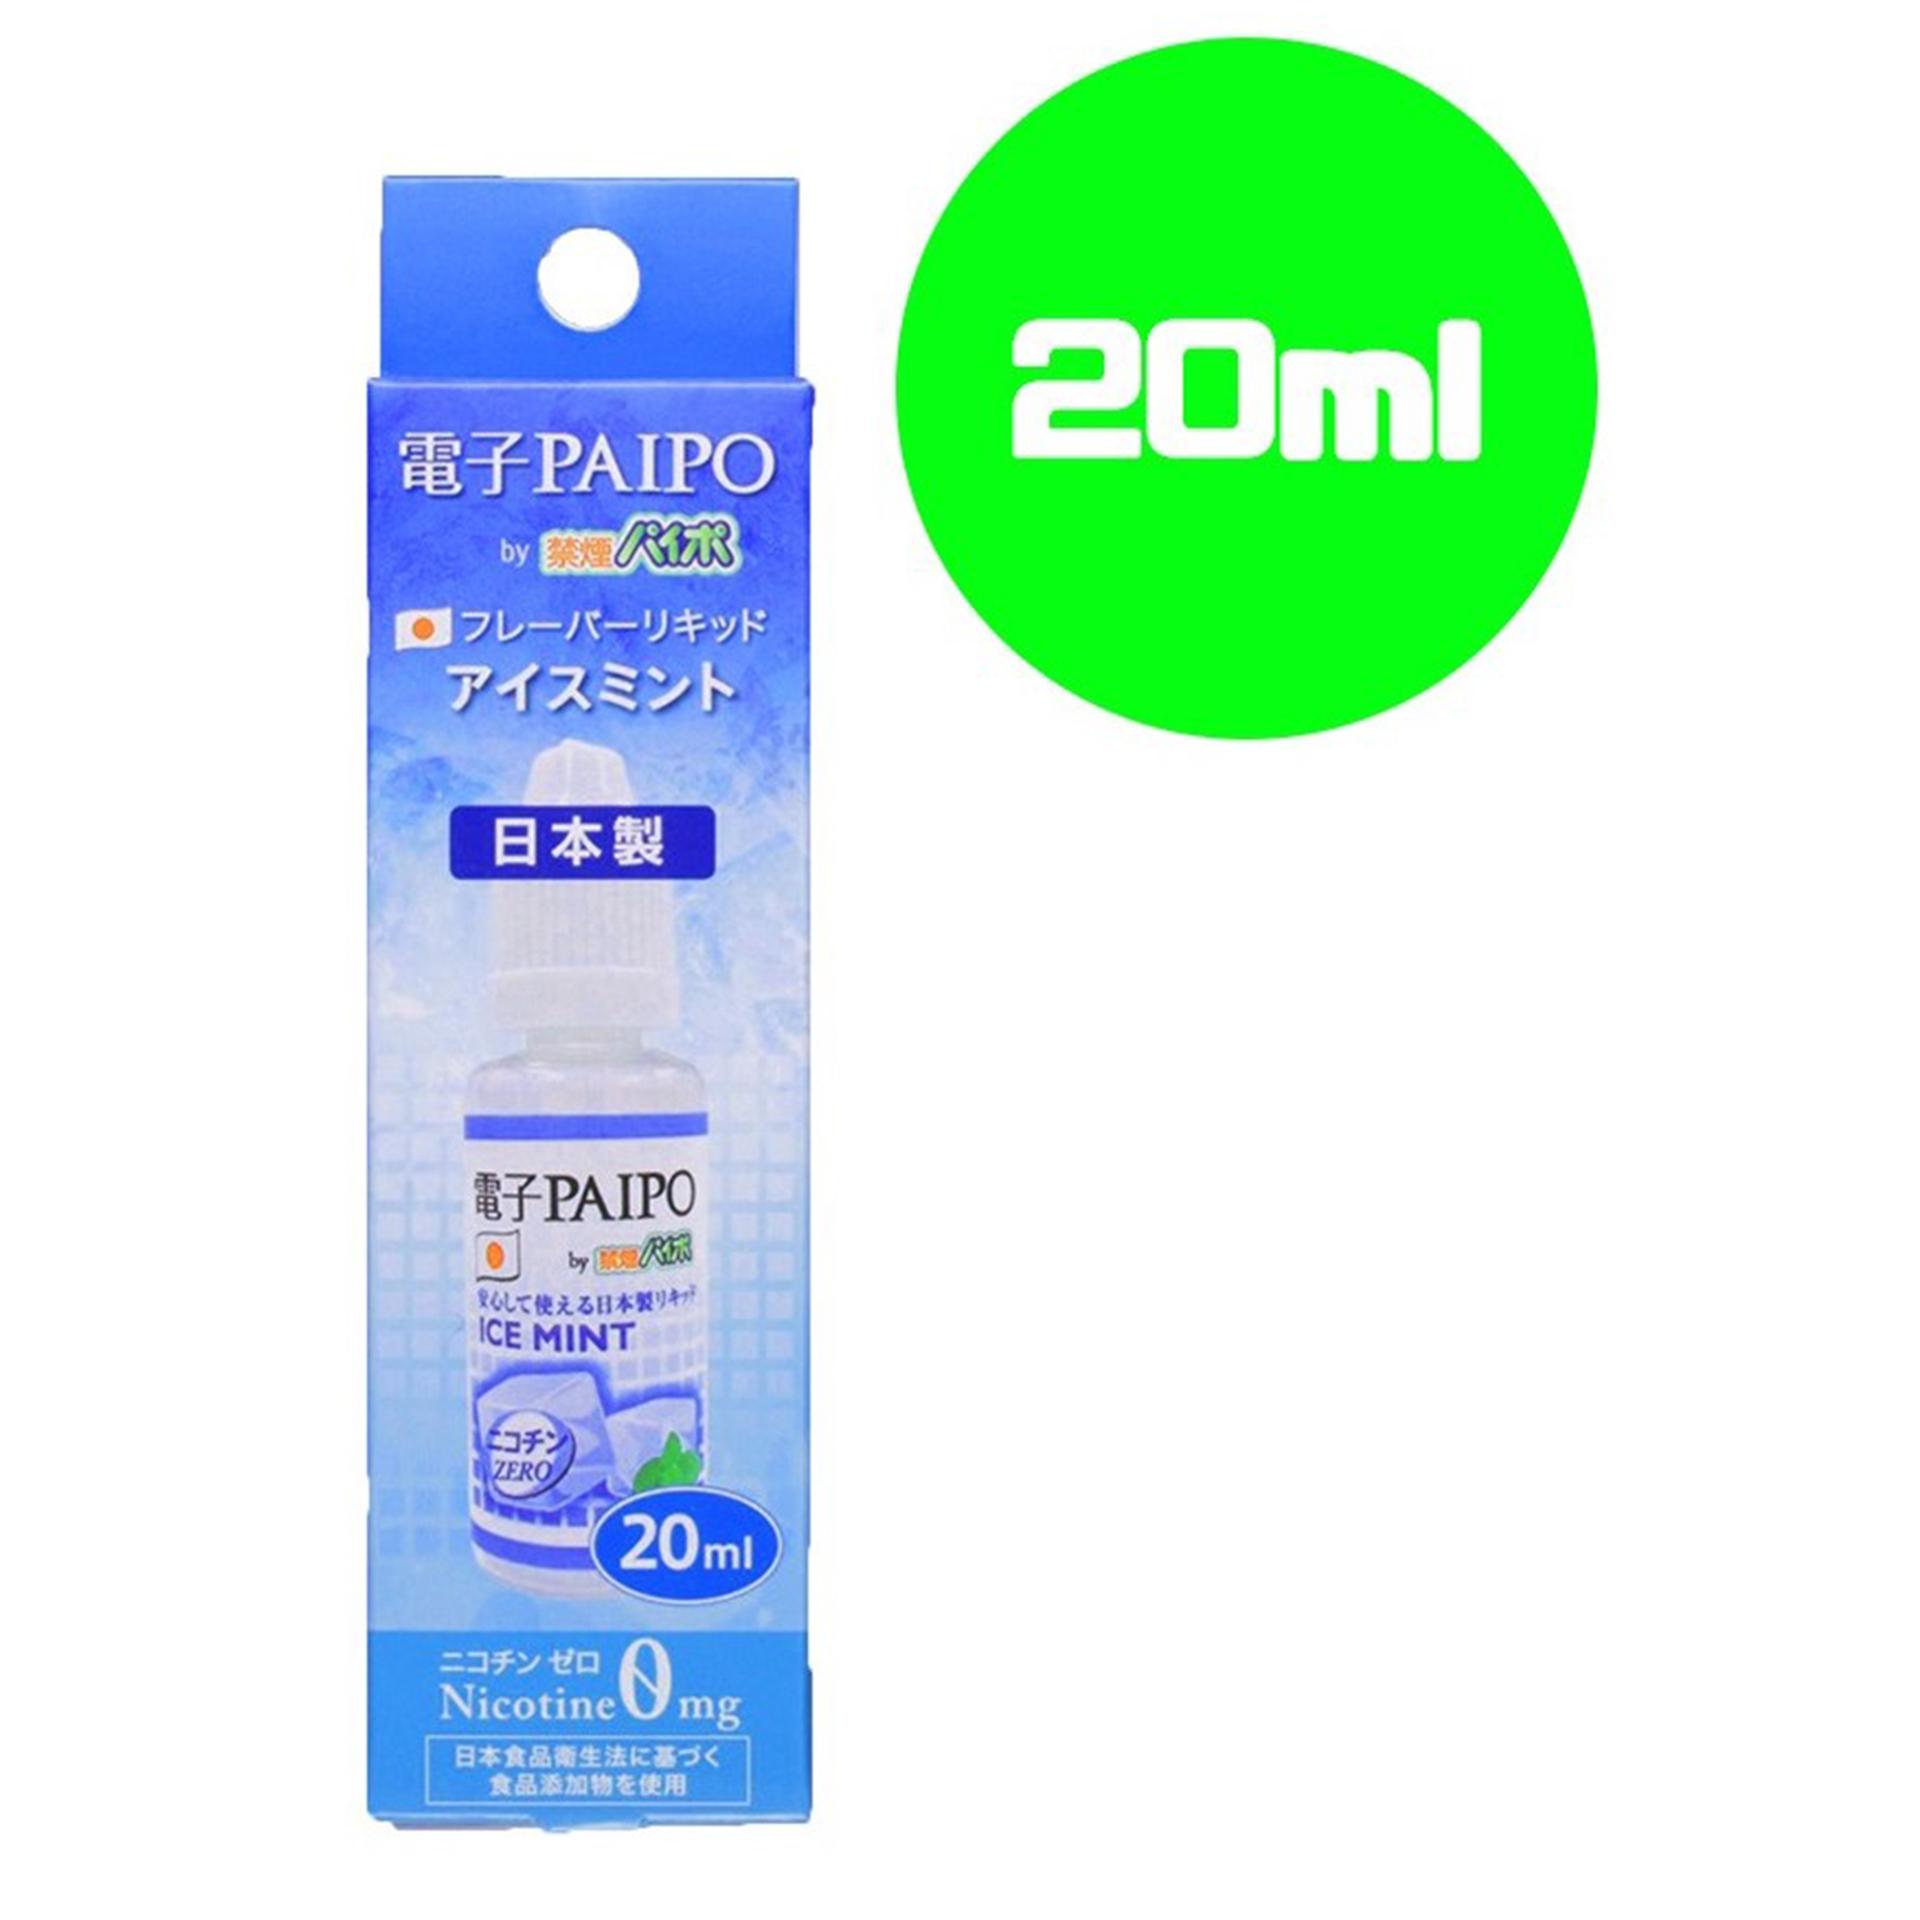 【在庫限り】 電子パイポ専用フレーバーリキッド【アイスミント】徳用20ml